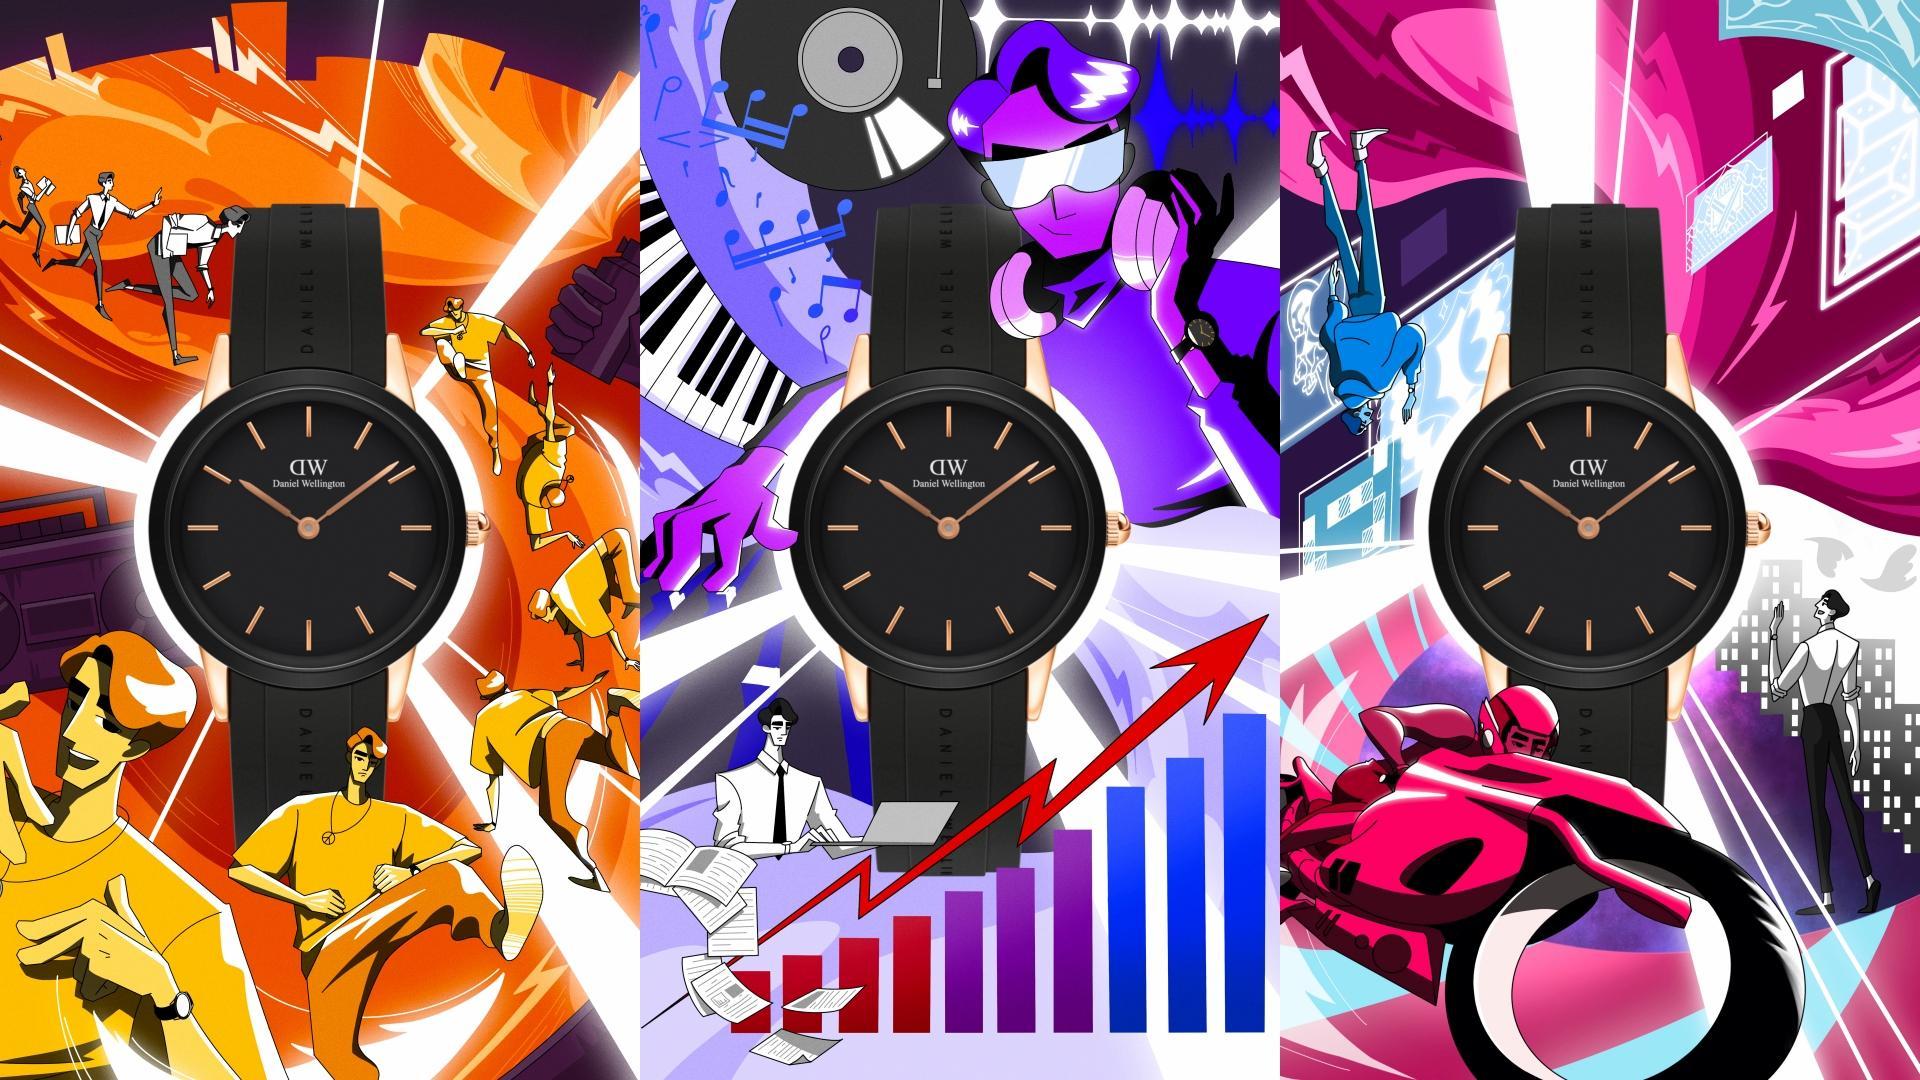 怎麼玩出精采人生?生活玩家必備行頭 DW 最新黑魂錶款帶你闖出自我!